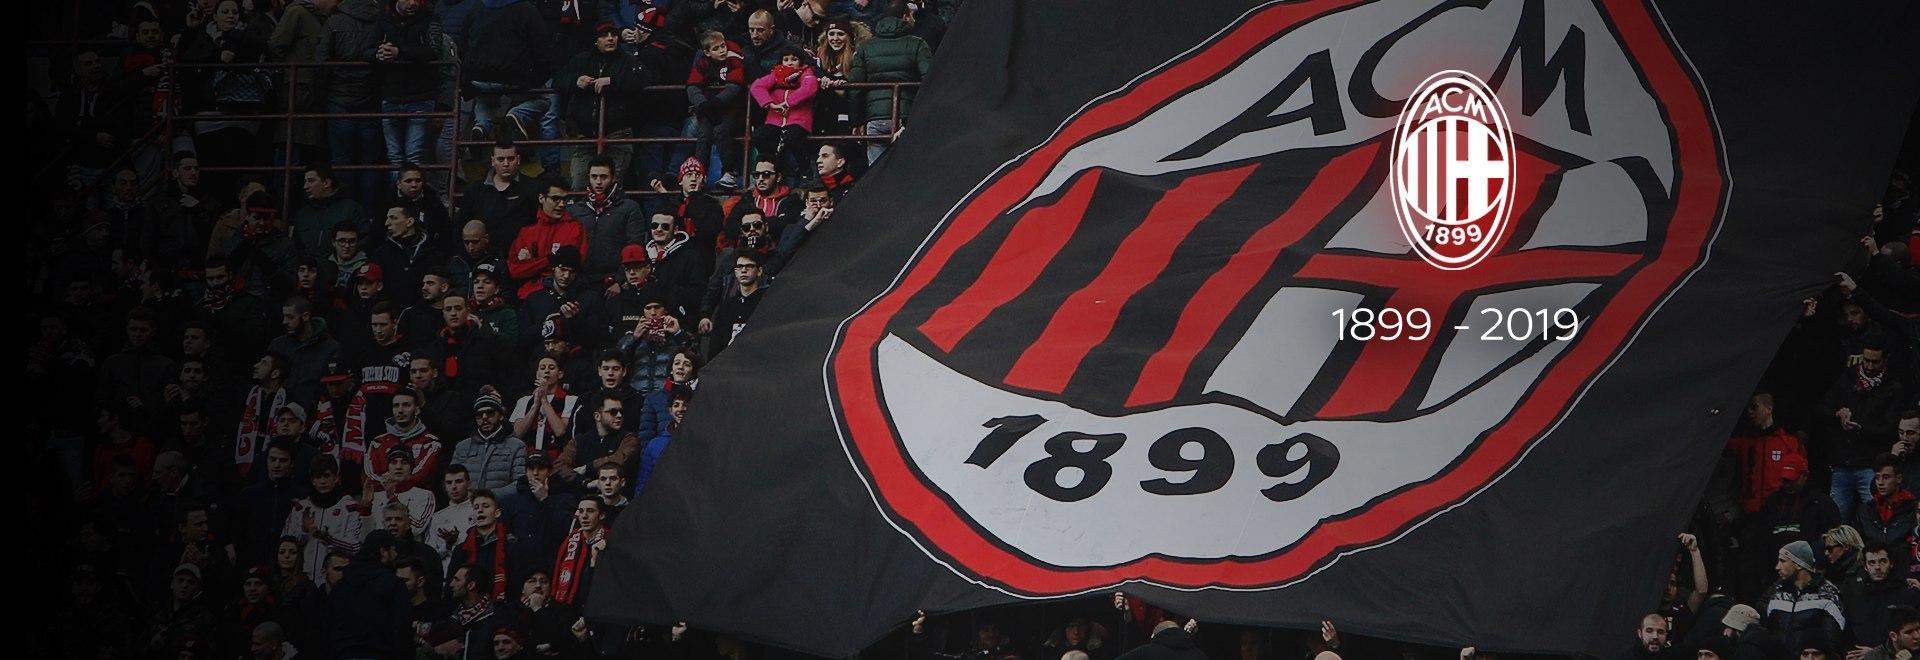 Milan 120